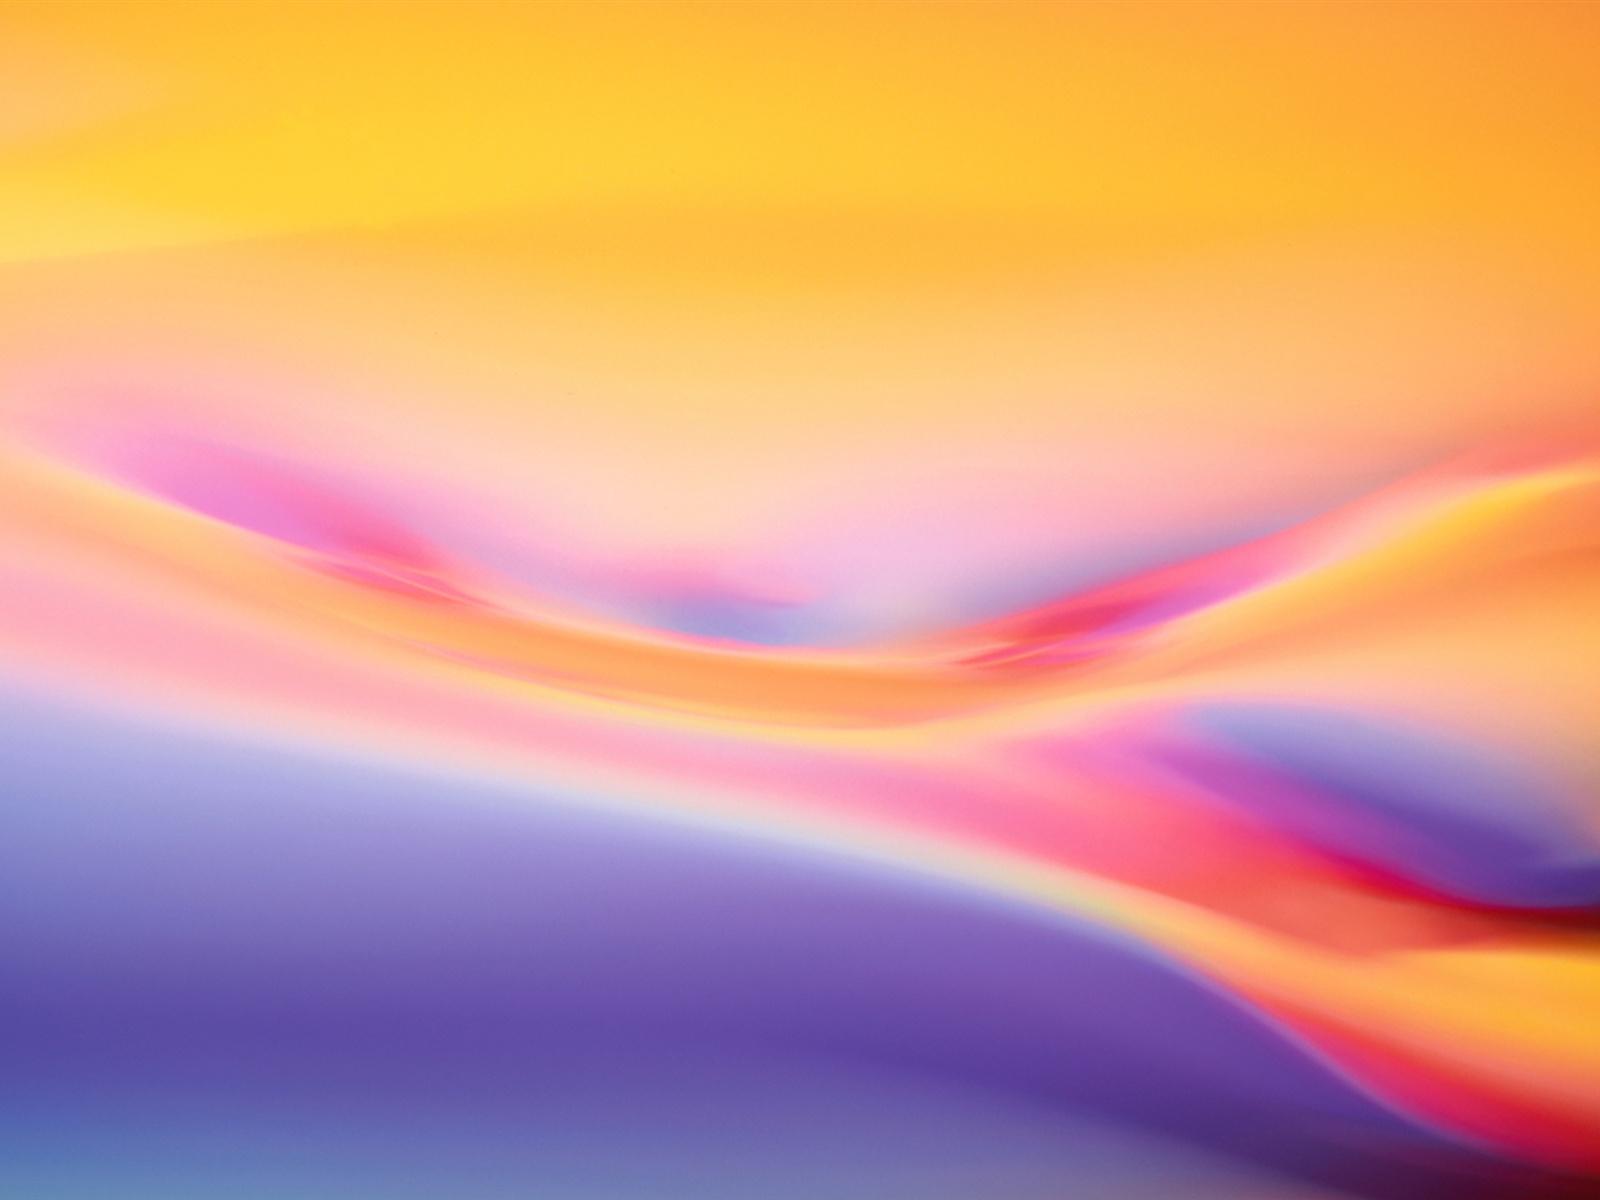 배경 화면 추상 배경, 곡선의 따뜻한 색감으로 2560x1600 HD 그림, 이미지